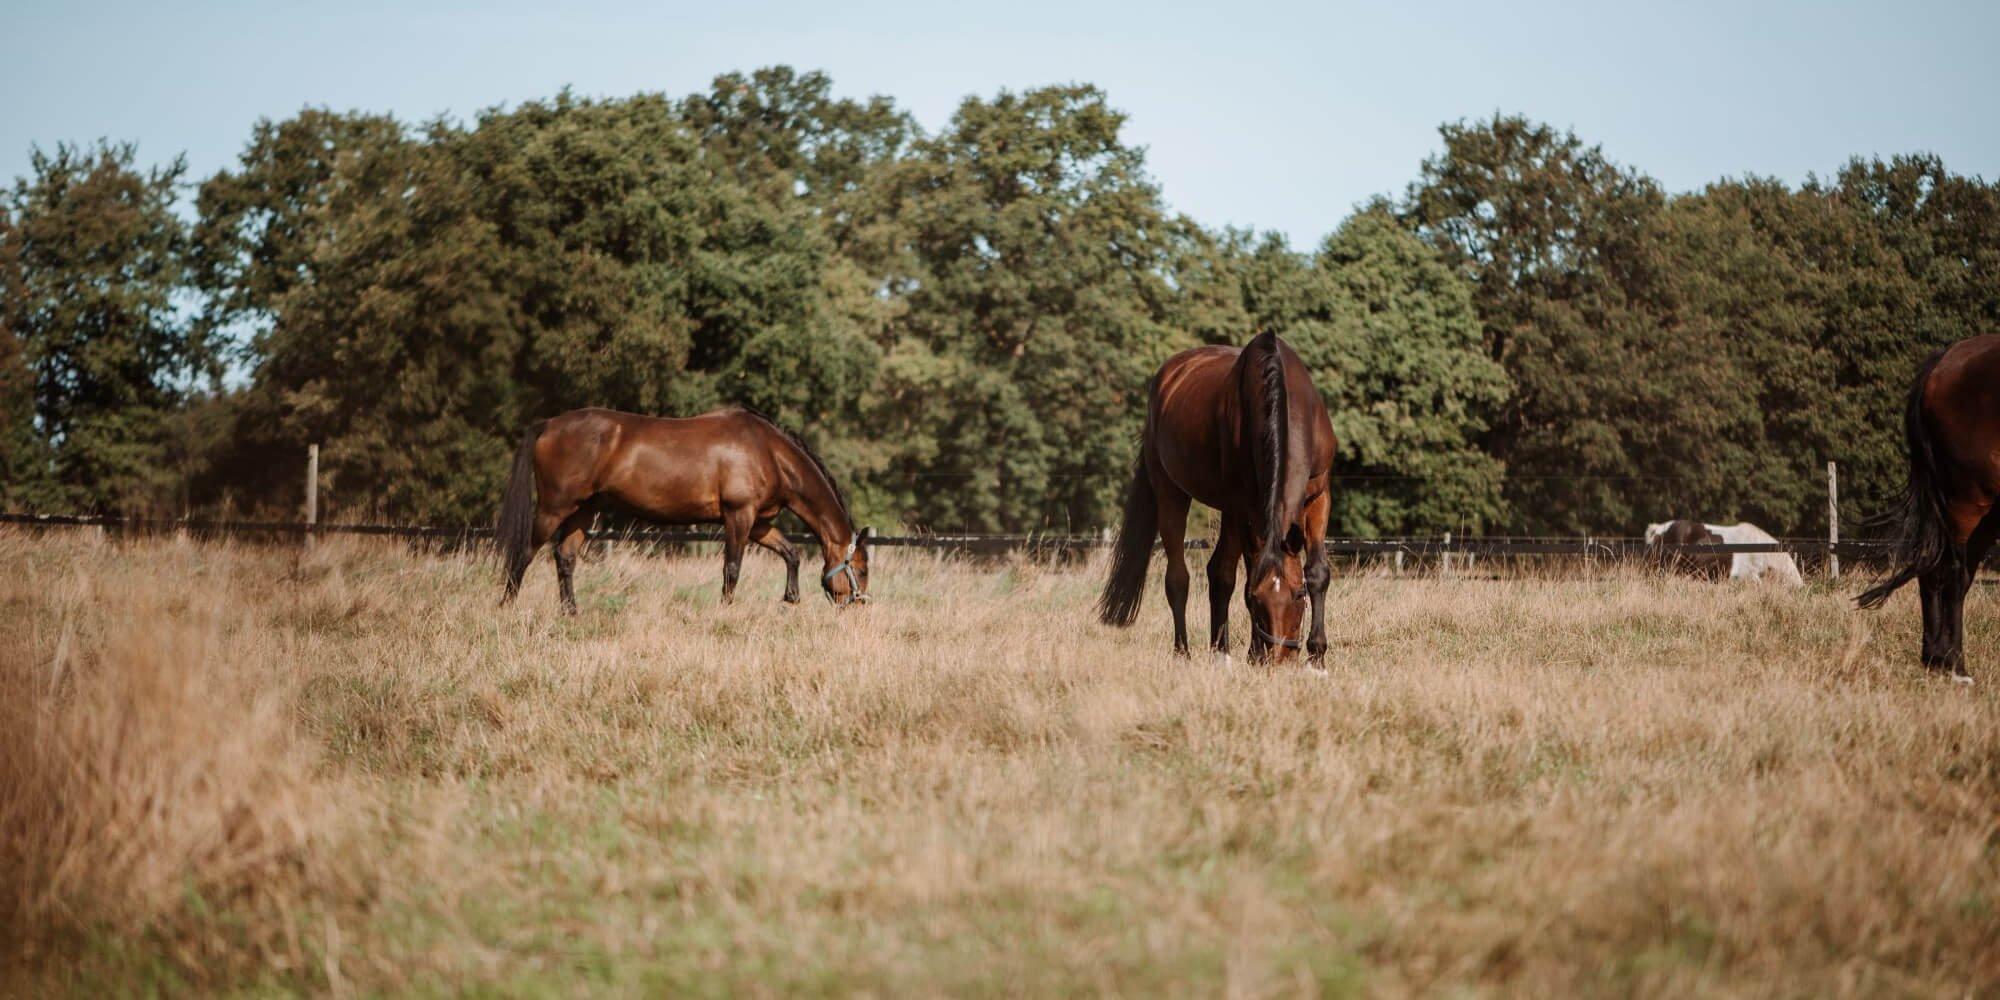 Aktivstall für Pferde: Ist das artgerechte Pferdehaltung?